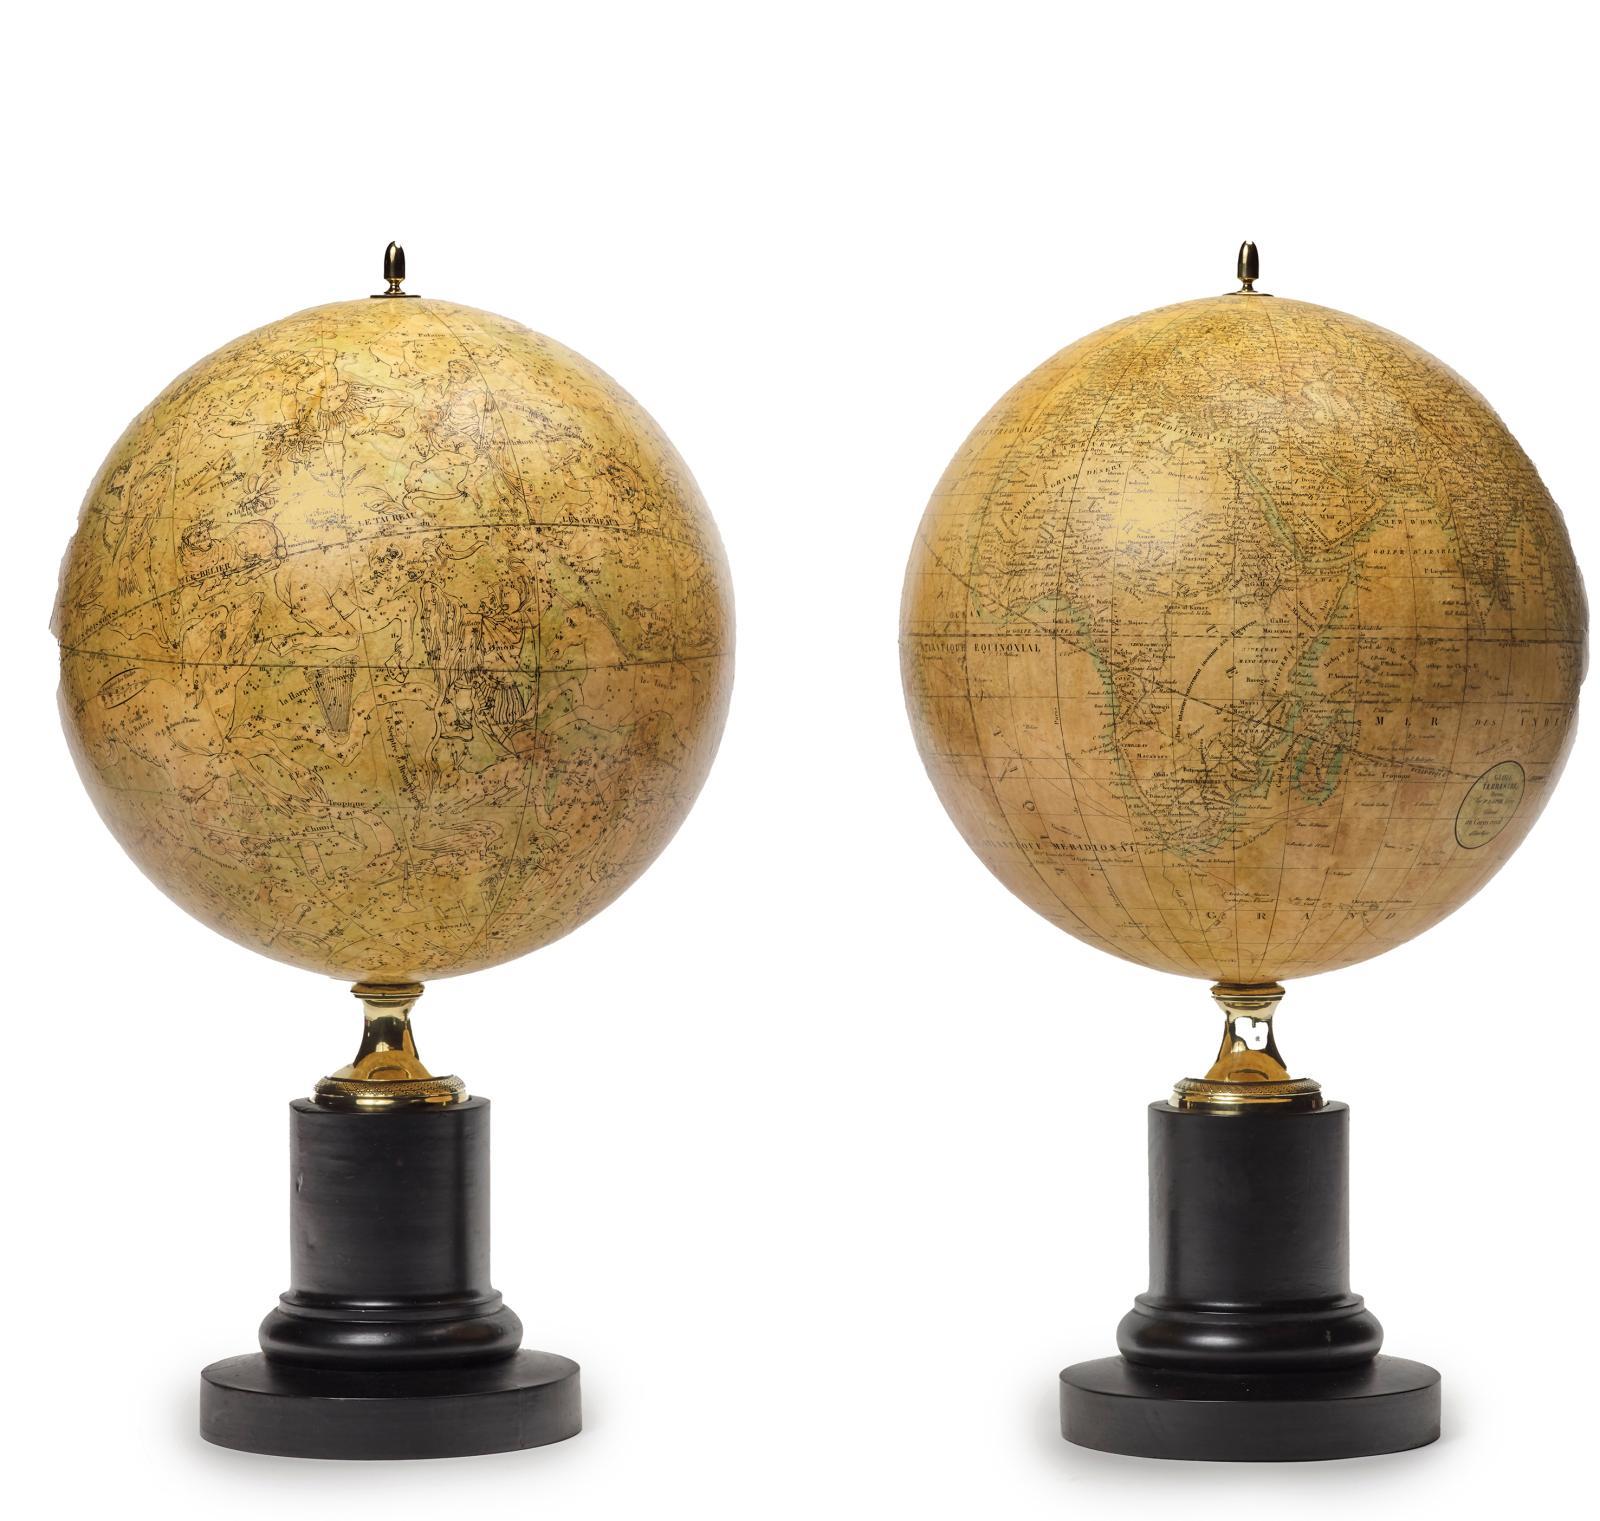 Paire de globes terrestre et céleste des géographes P. Lapie et A. Freimin, Paris, chez Bastien aîné, reposant sur un piétement en bois no